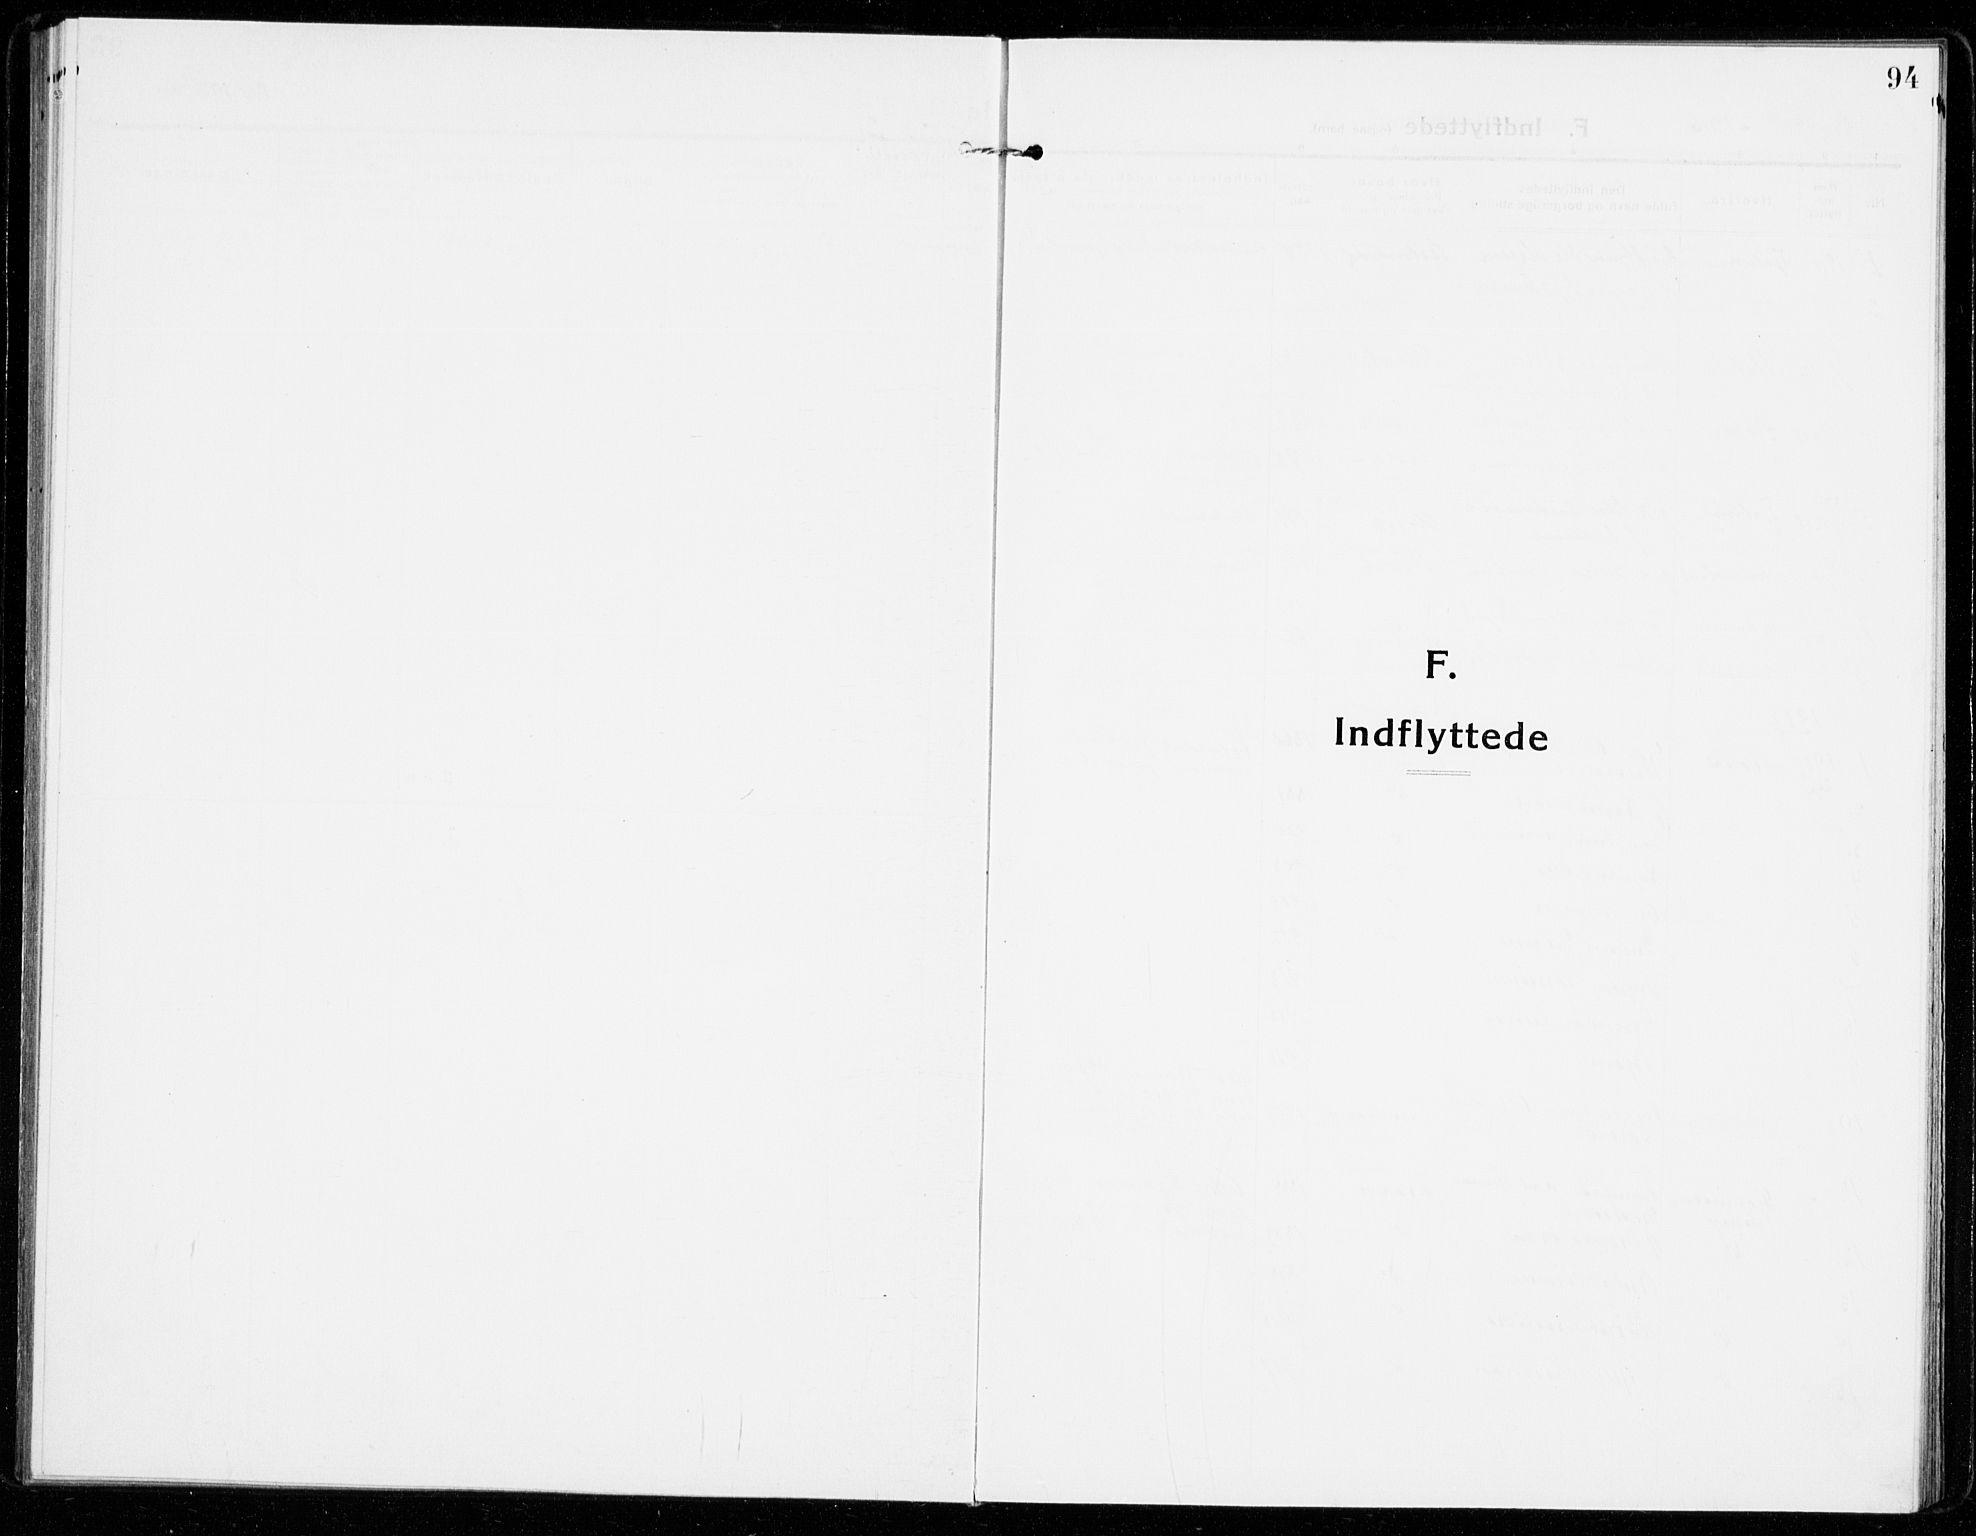 SAKO, Sandar kirkebøker, F/Fa/L0020: Ministerialbok nr. 20, 1915-1919, s. 94